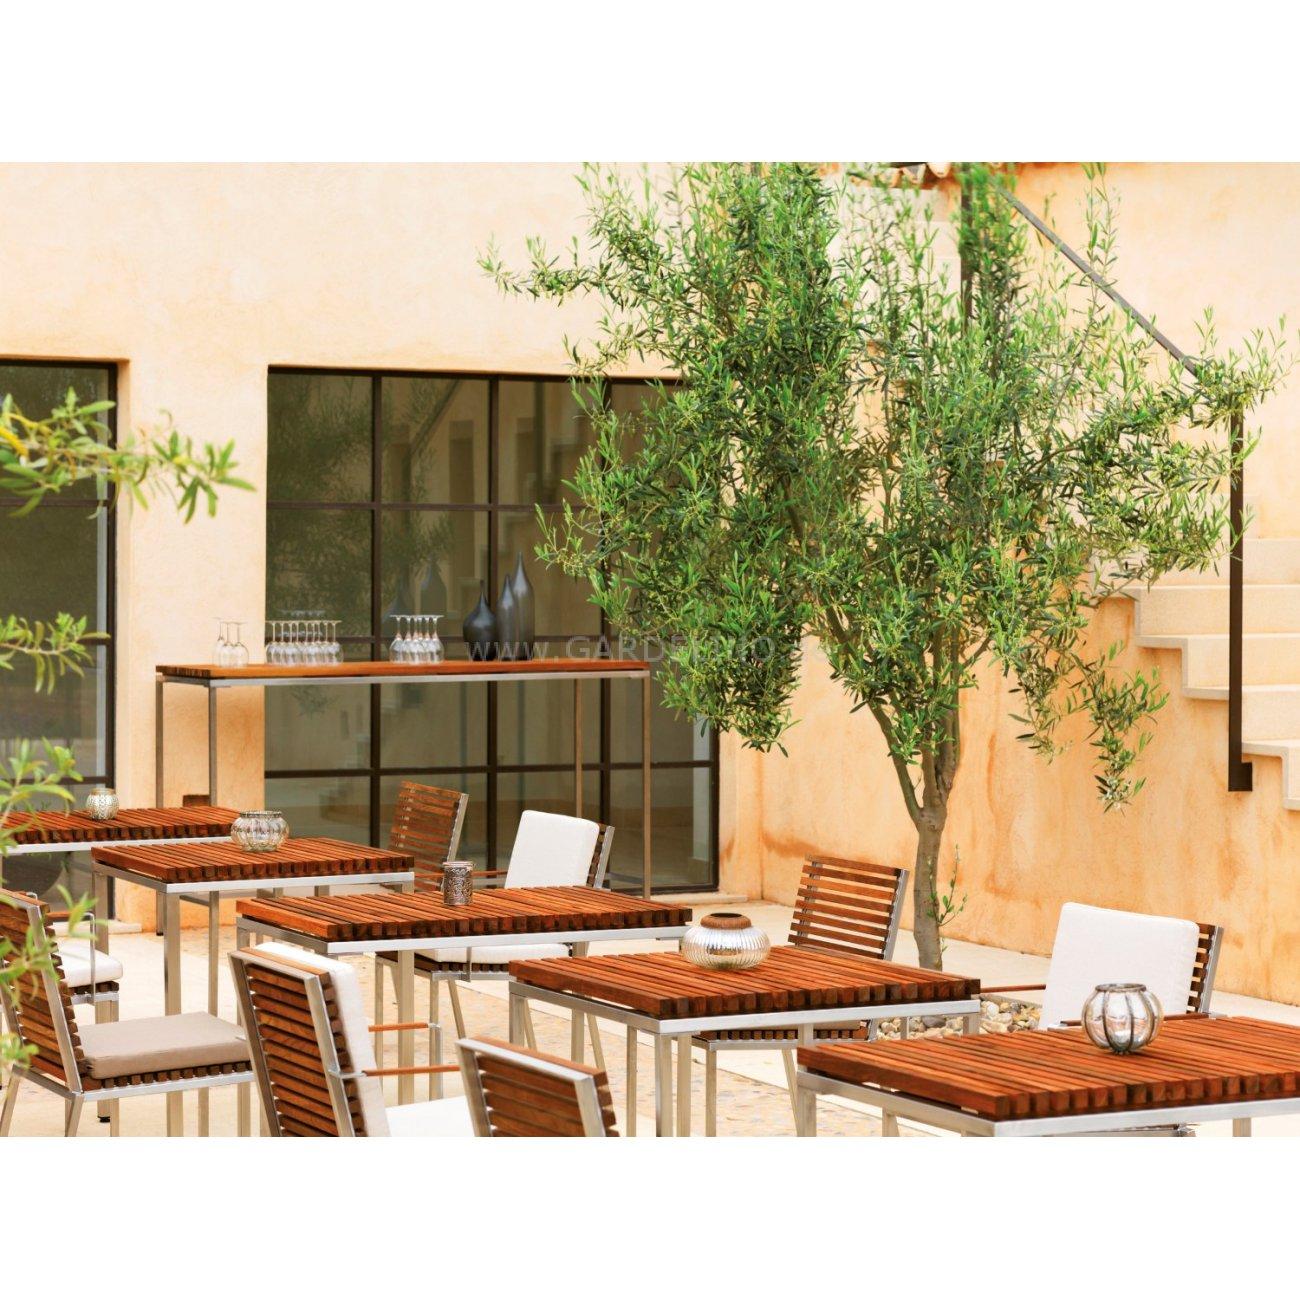 Gartenmobel Aus Holz Saubern : Gartenliegen Aus Teak Und Edelstahl Pictures to pin on Pinterest